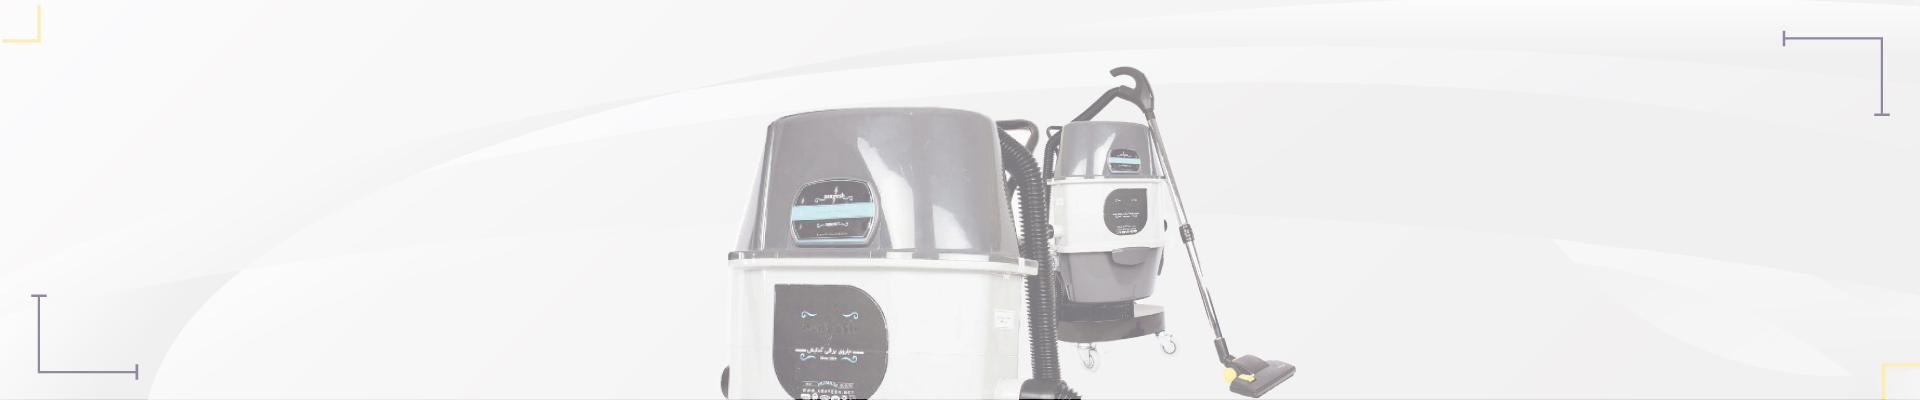 مكنسة كهربائية شبه صناعية محمولة